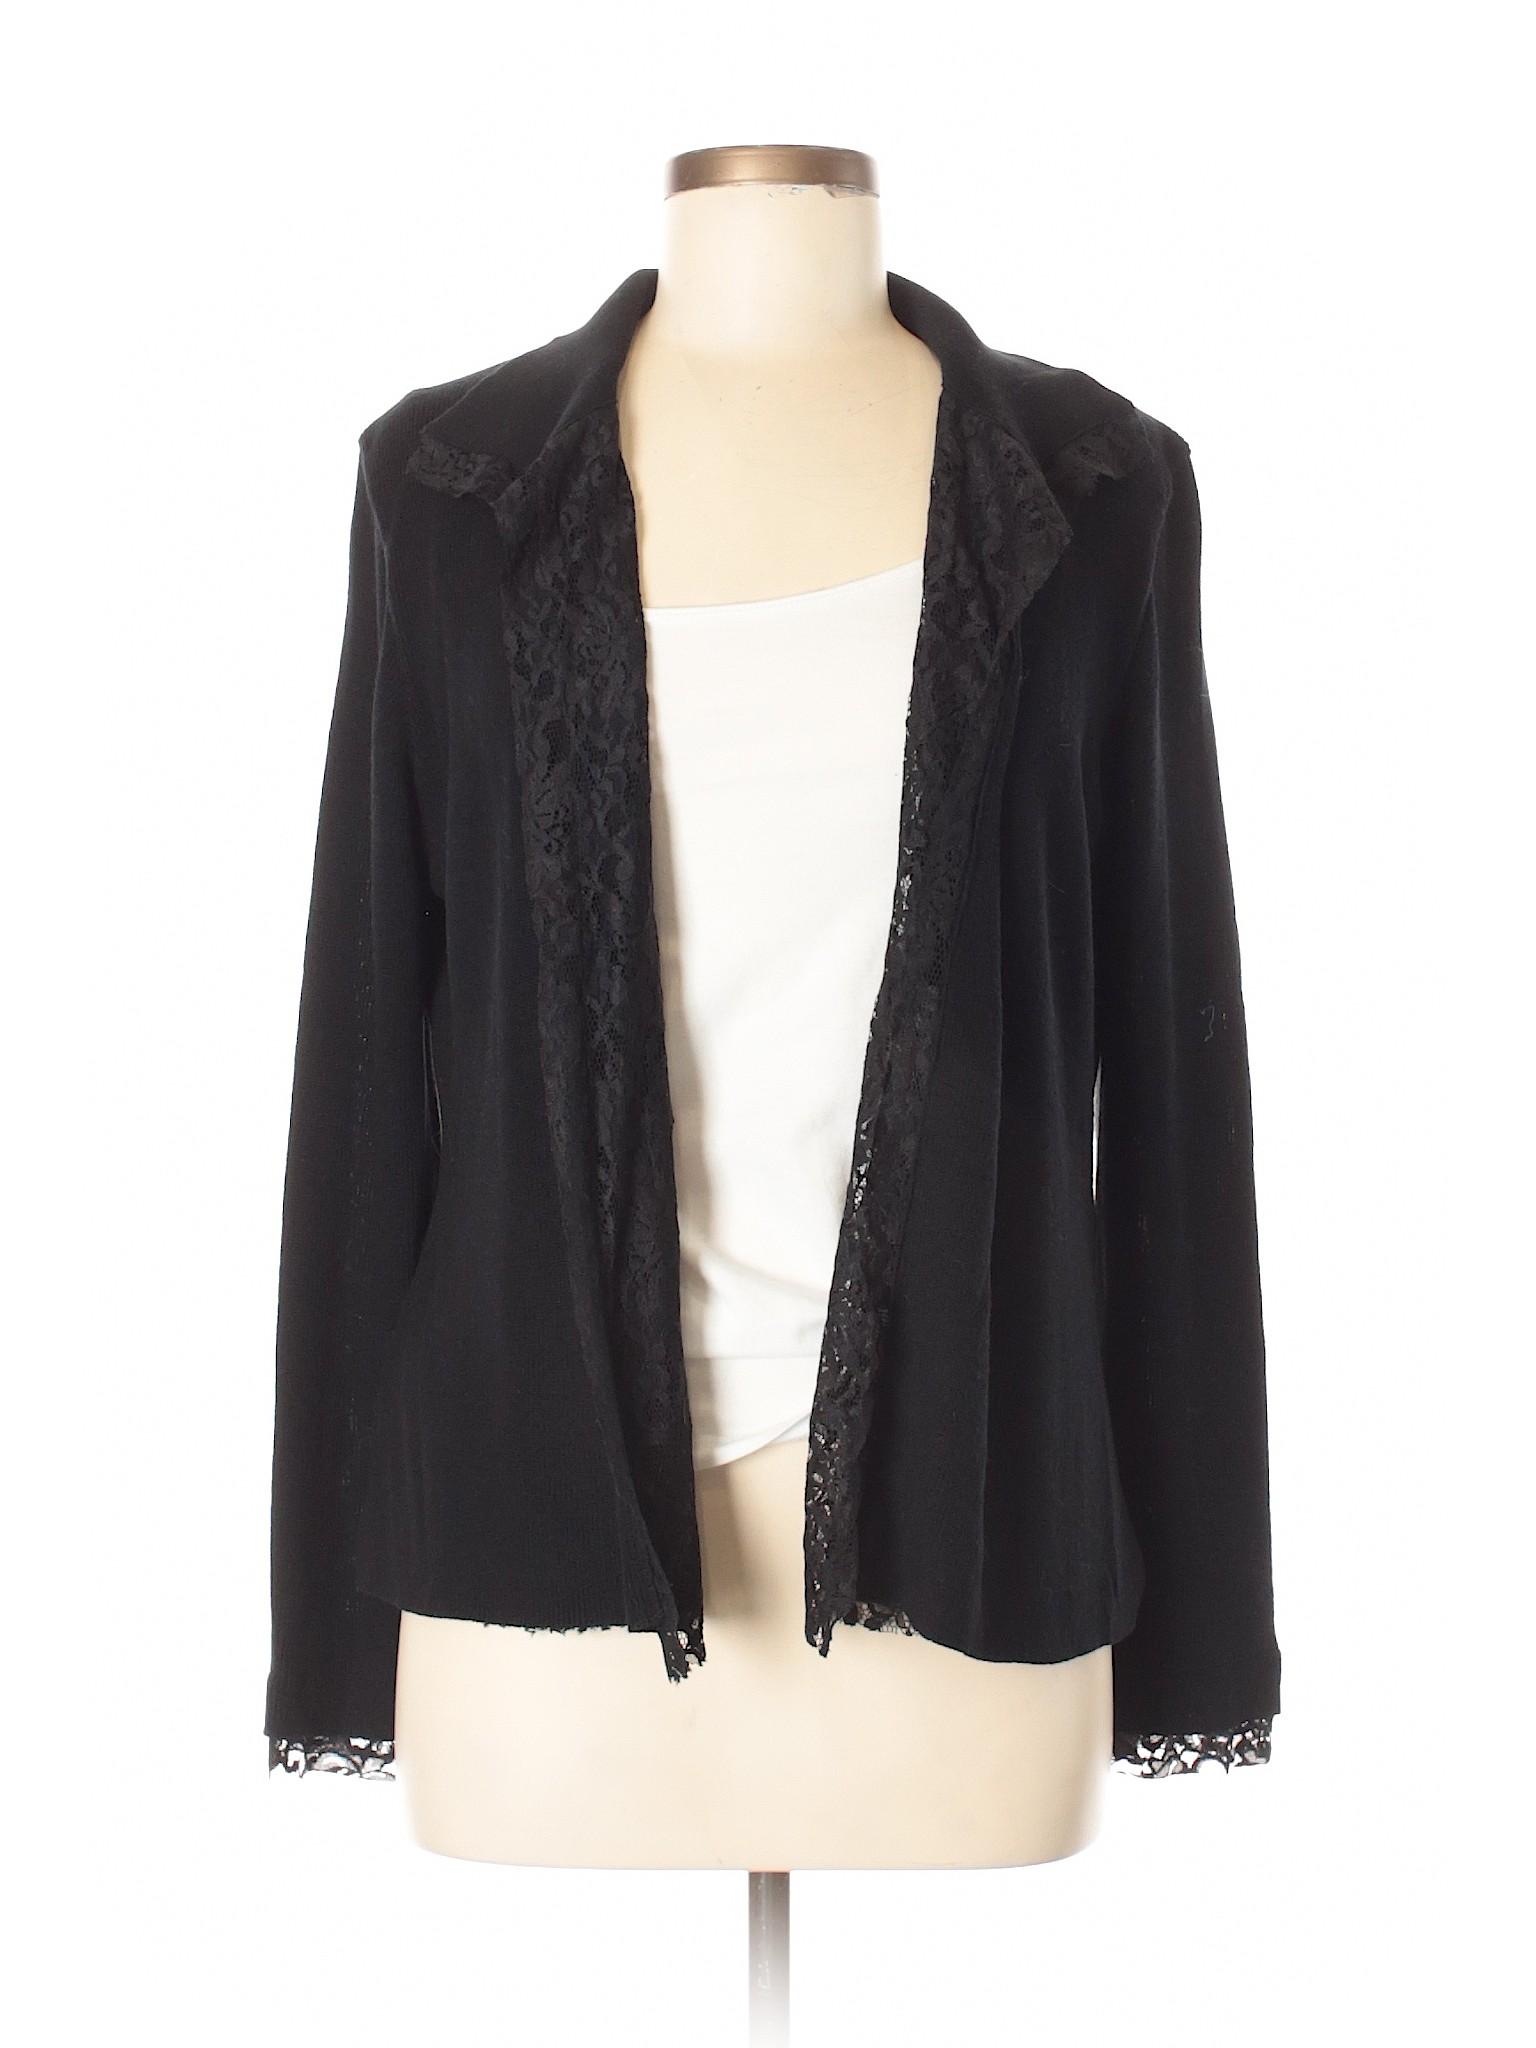 Boutique Cardigan Silk jill Boutique J J wY5qxWO7